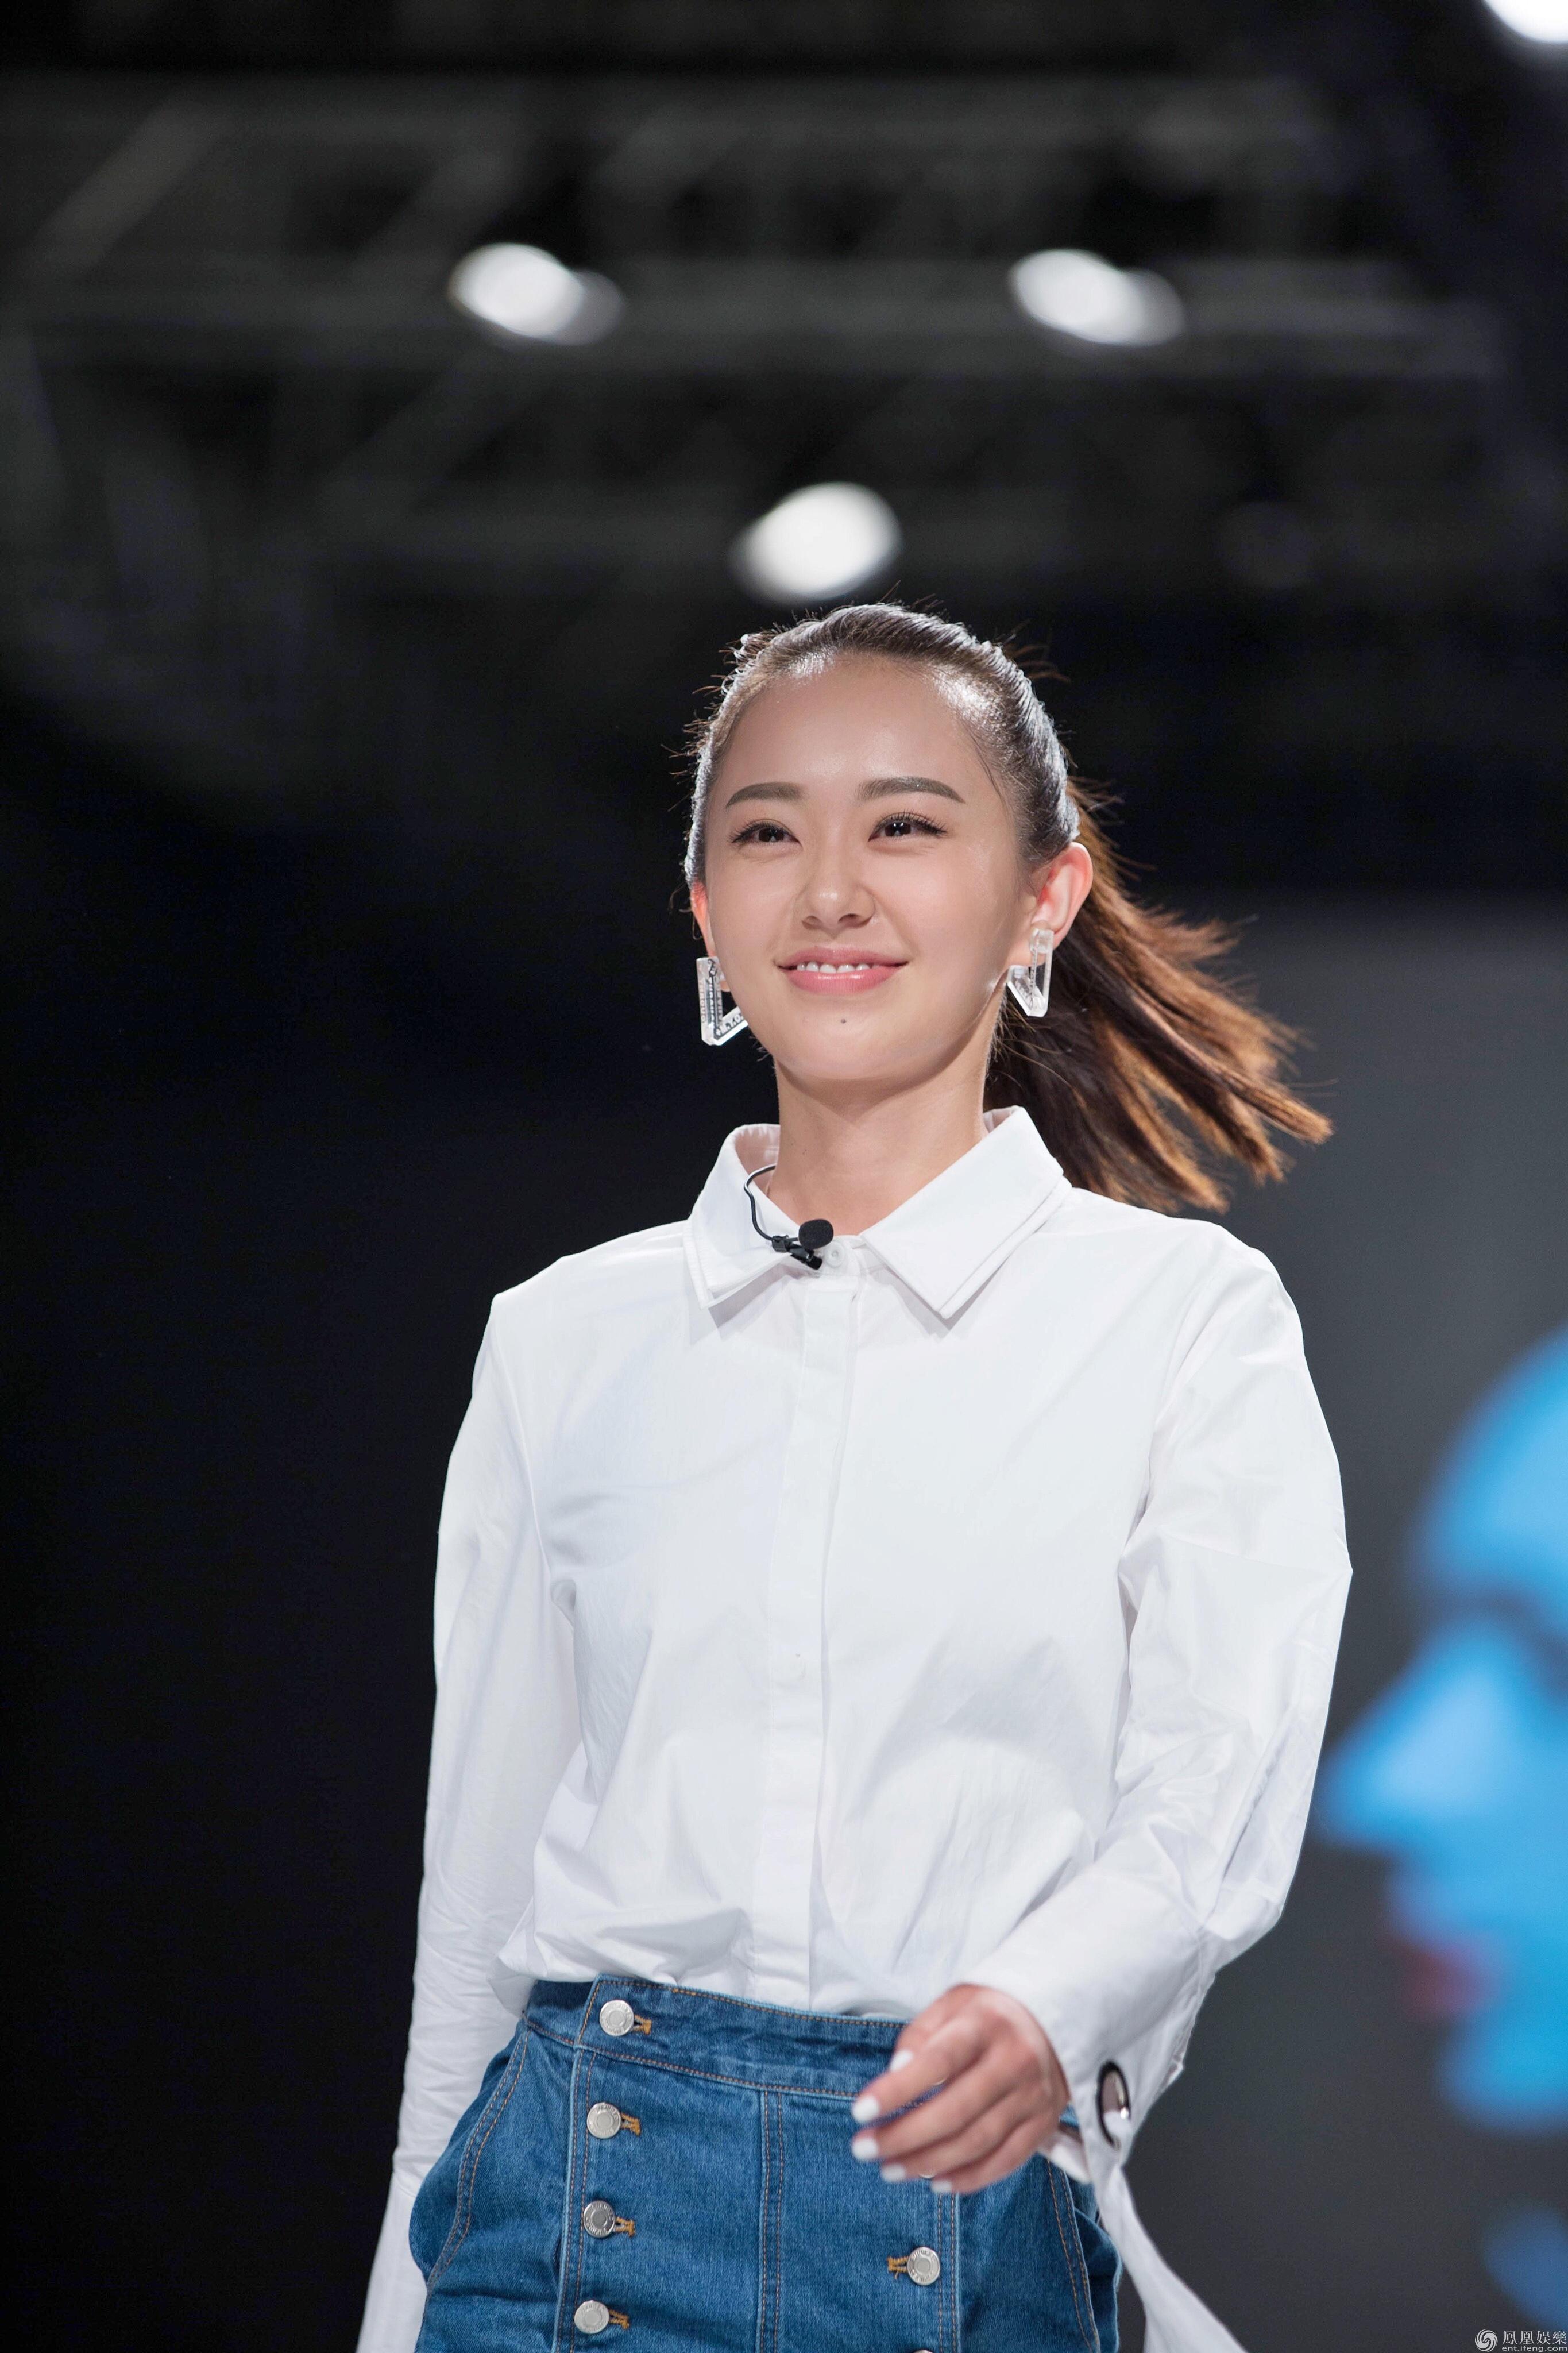 并与最近回归维密舞台的超模刘雯2005年一起参加过新丝路湖南模特大赛